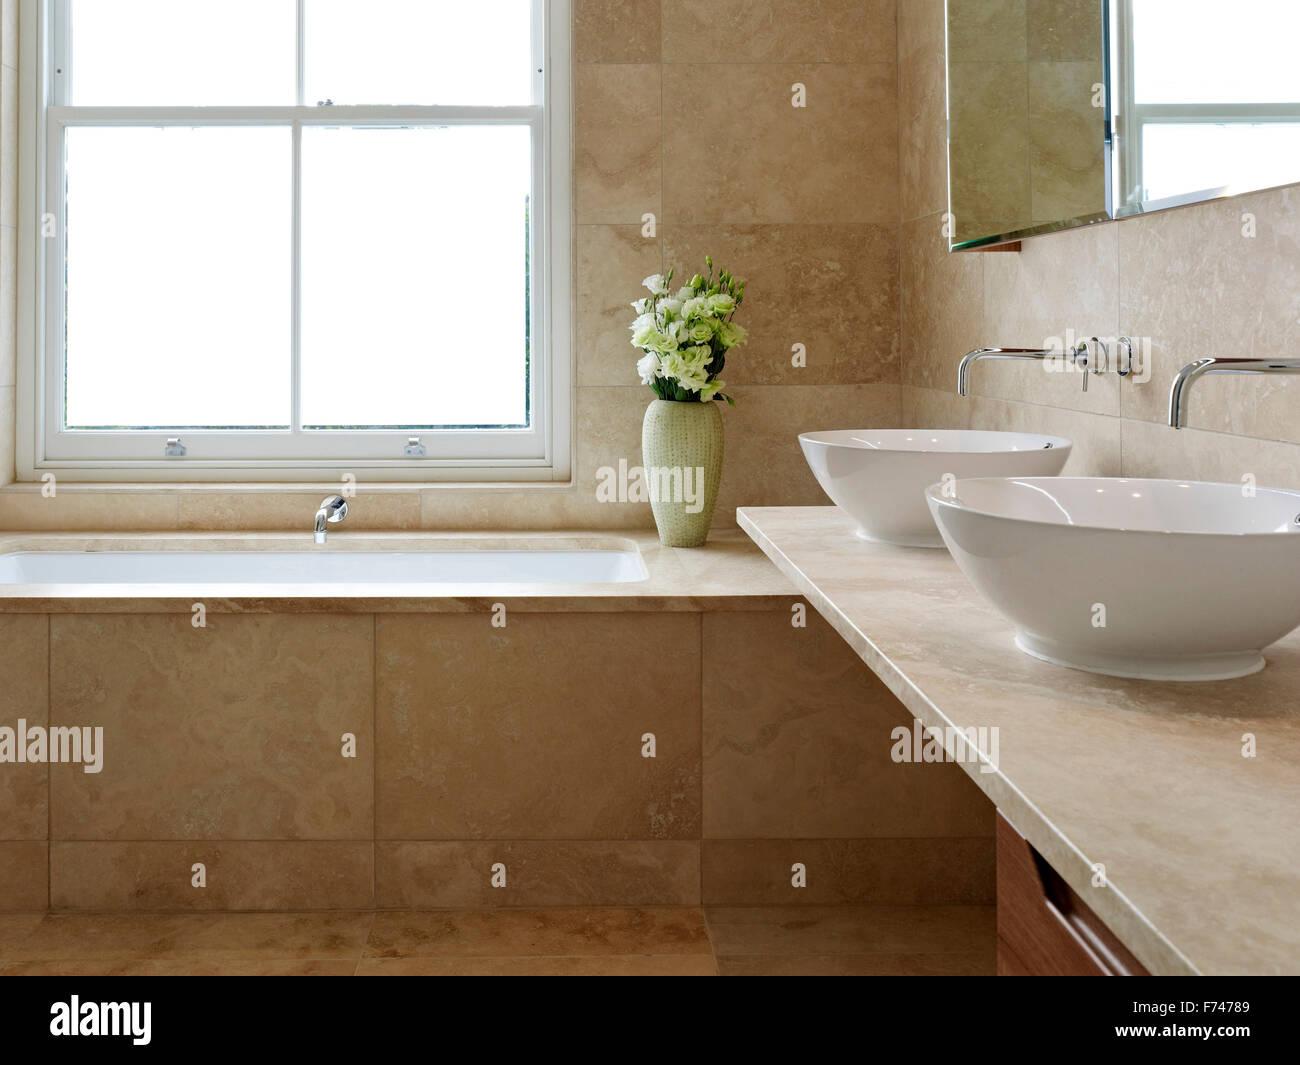 Doppi lavandini e vasca da bagno in vetro uncurtained in giardini